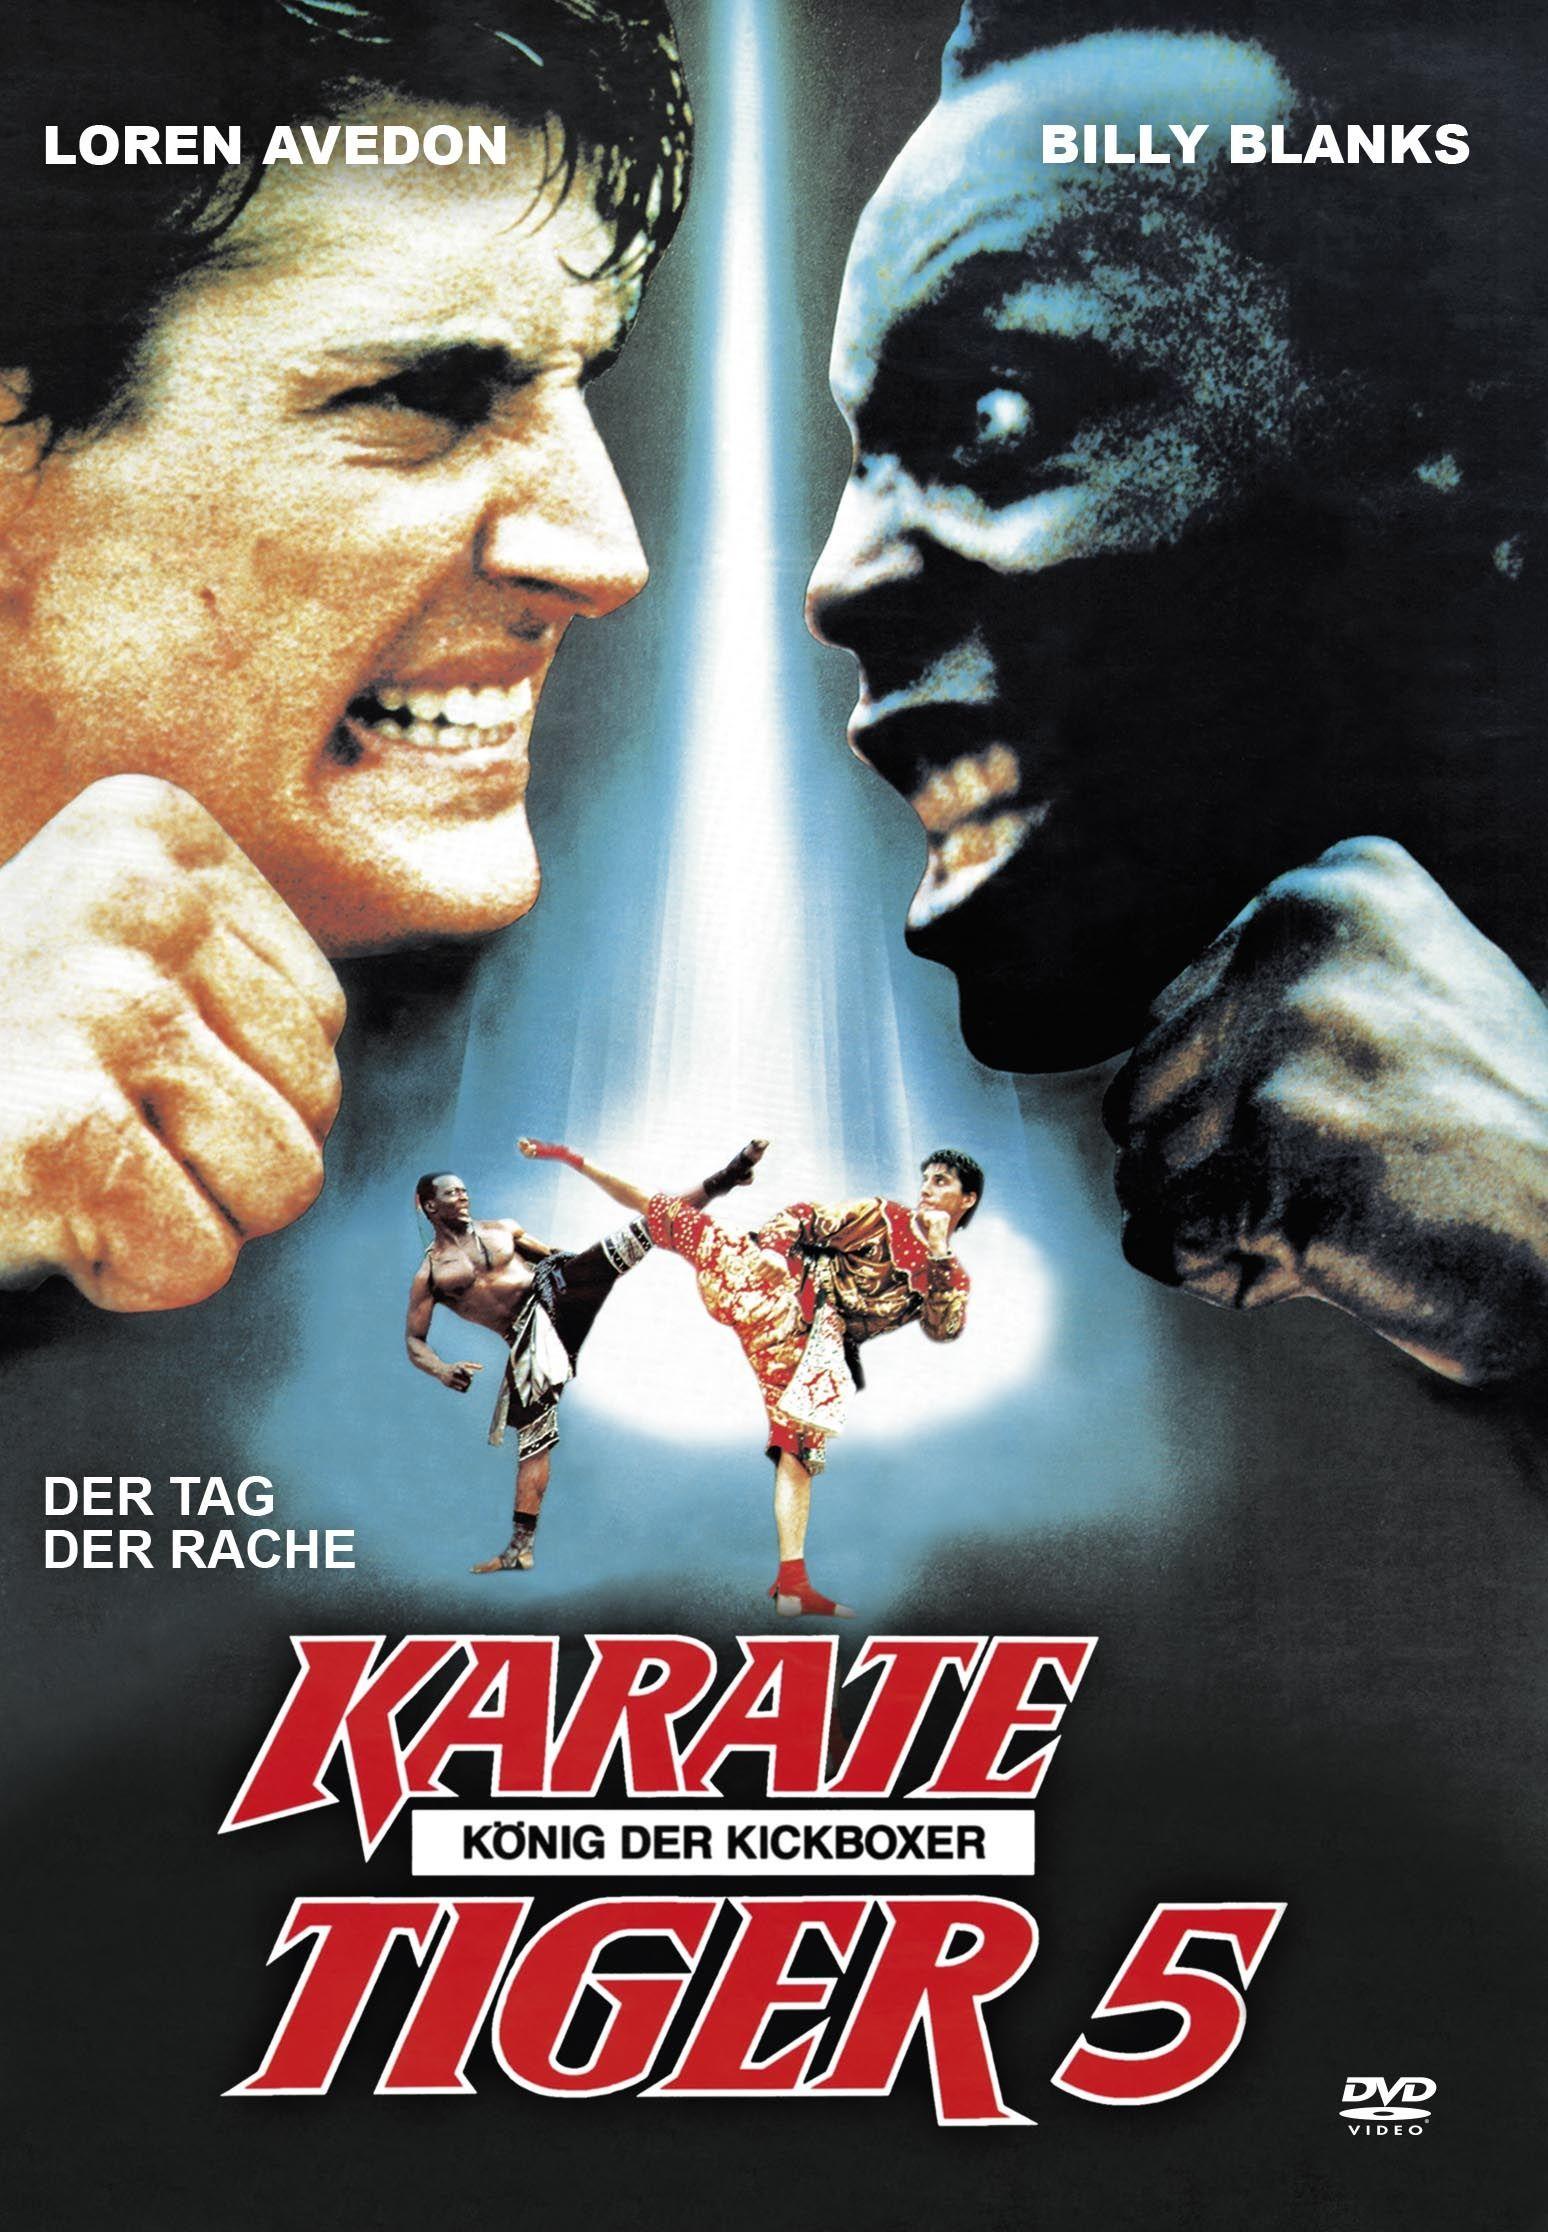 Karate Tiger 5 - König der Kickboxer